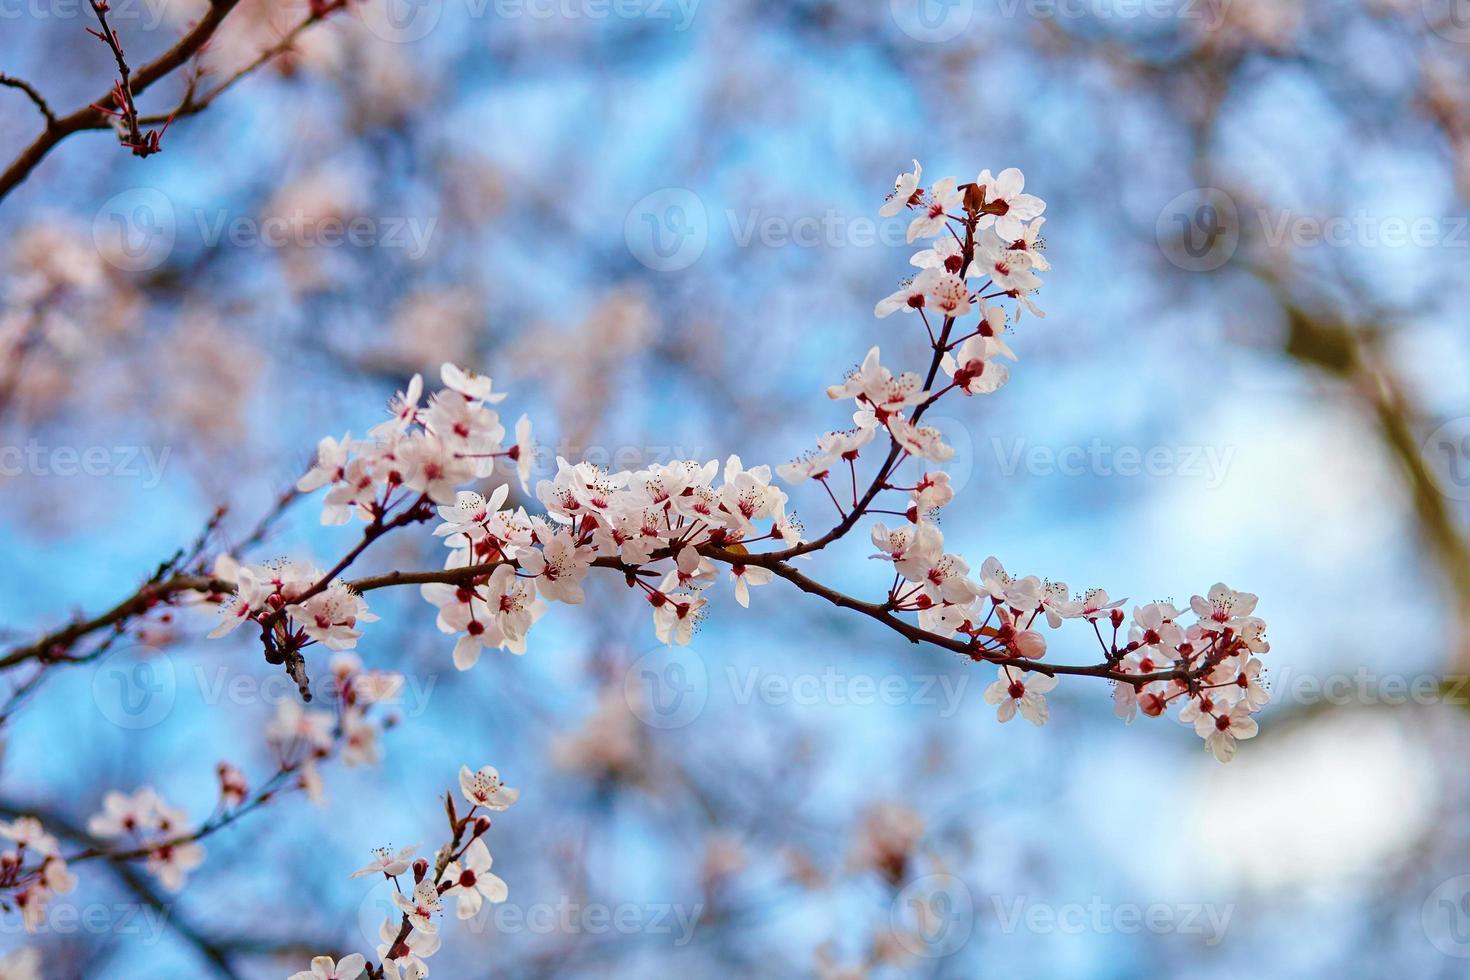 flores de cerezo contra el cielo azul foto